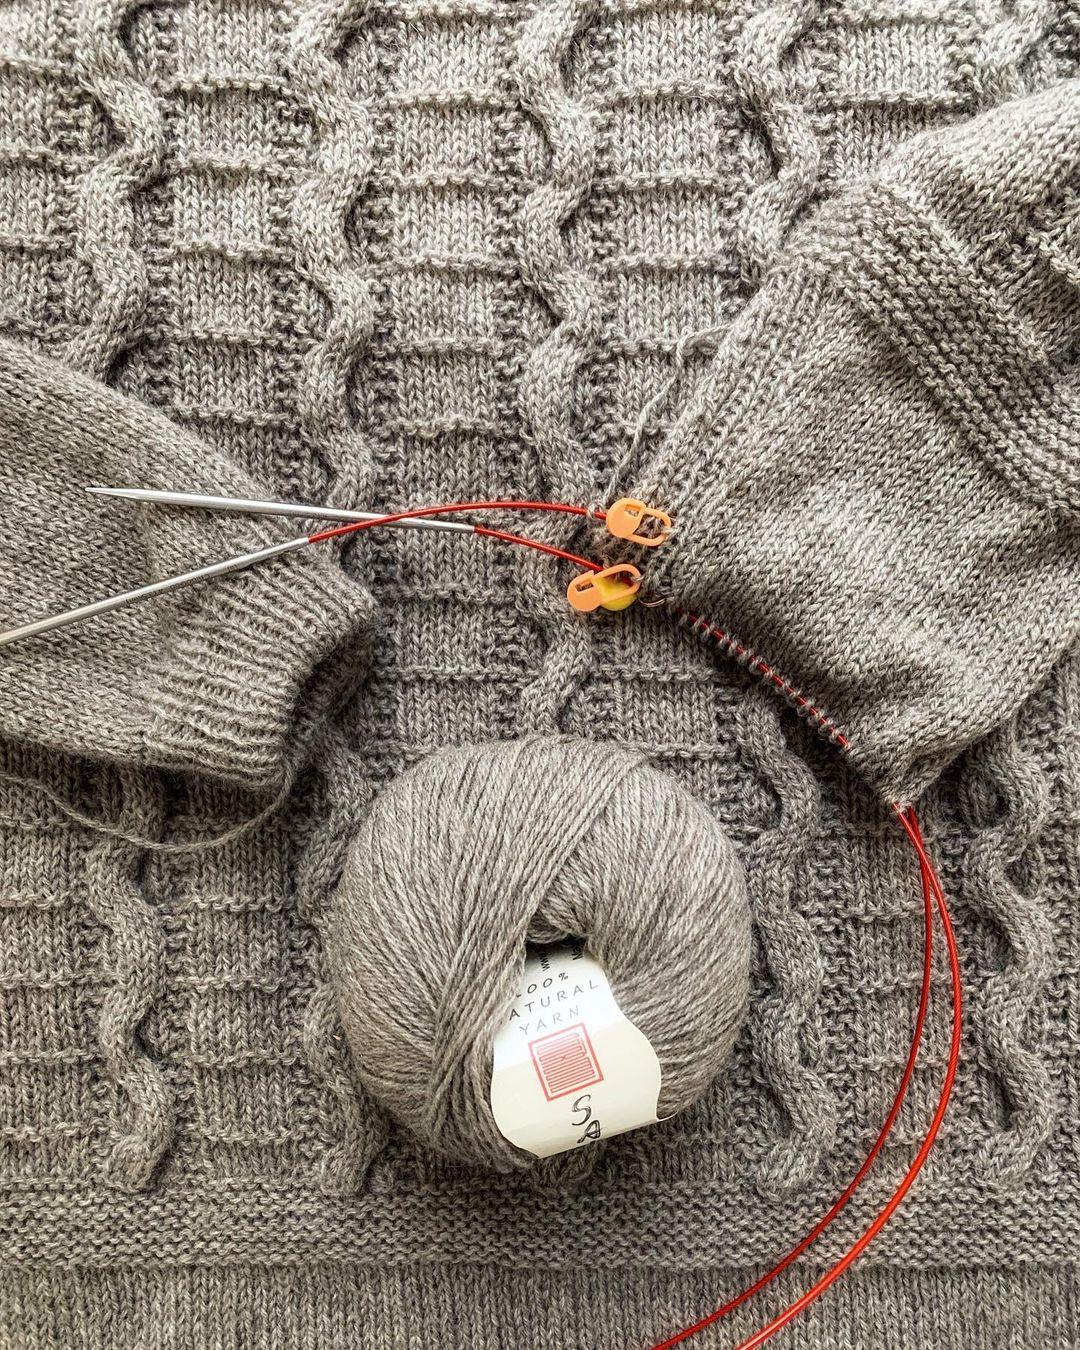 свитер из пуха яка сарлаг монголия